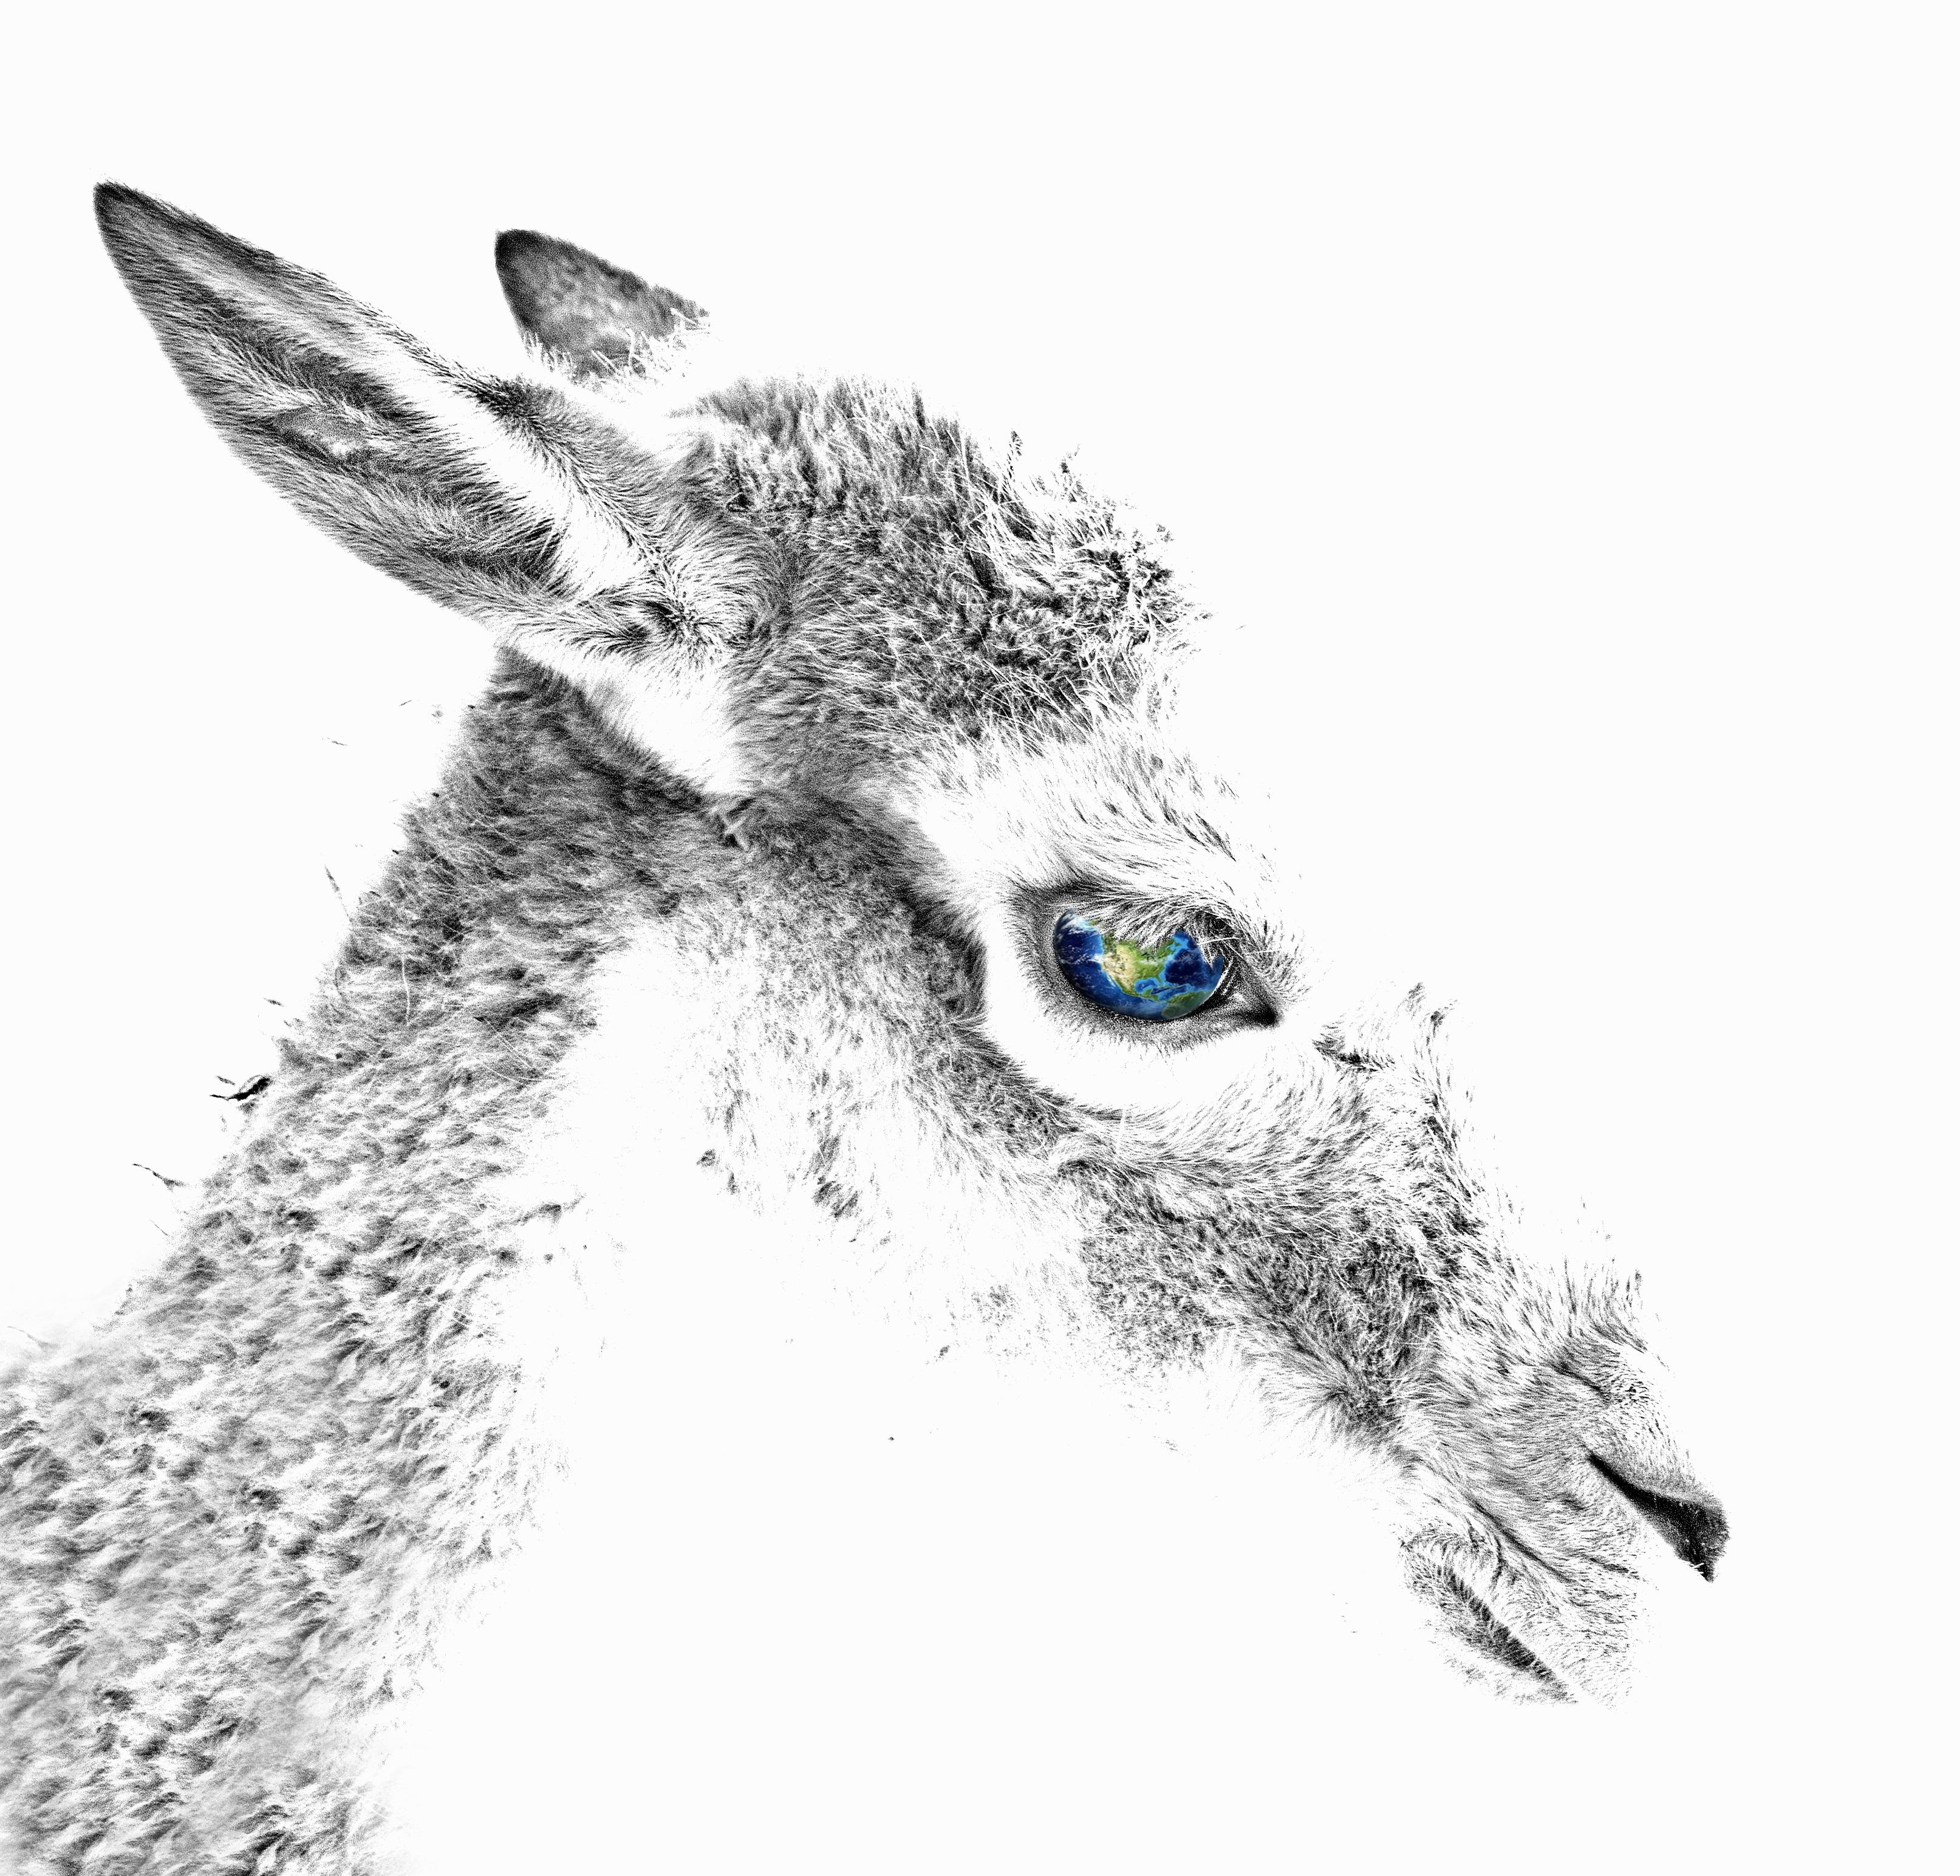 9200 Koleksi Gambar Kebun Binatang Kartun Hitam Putih Terbaru